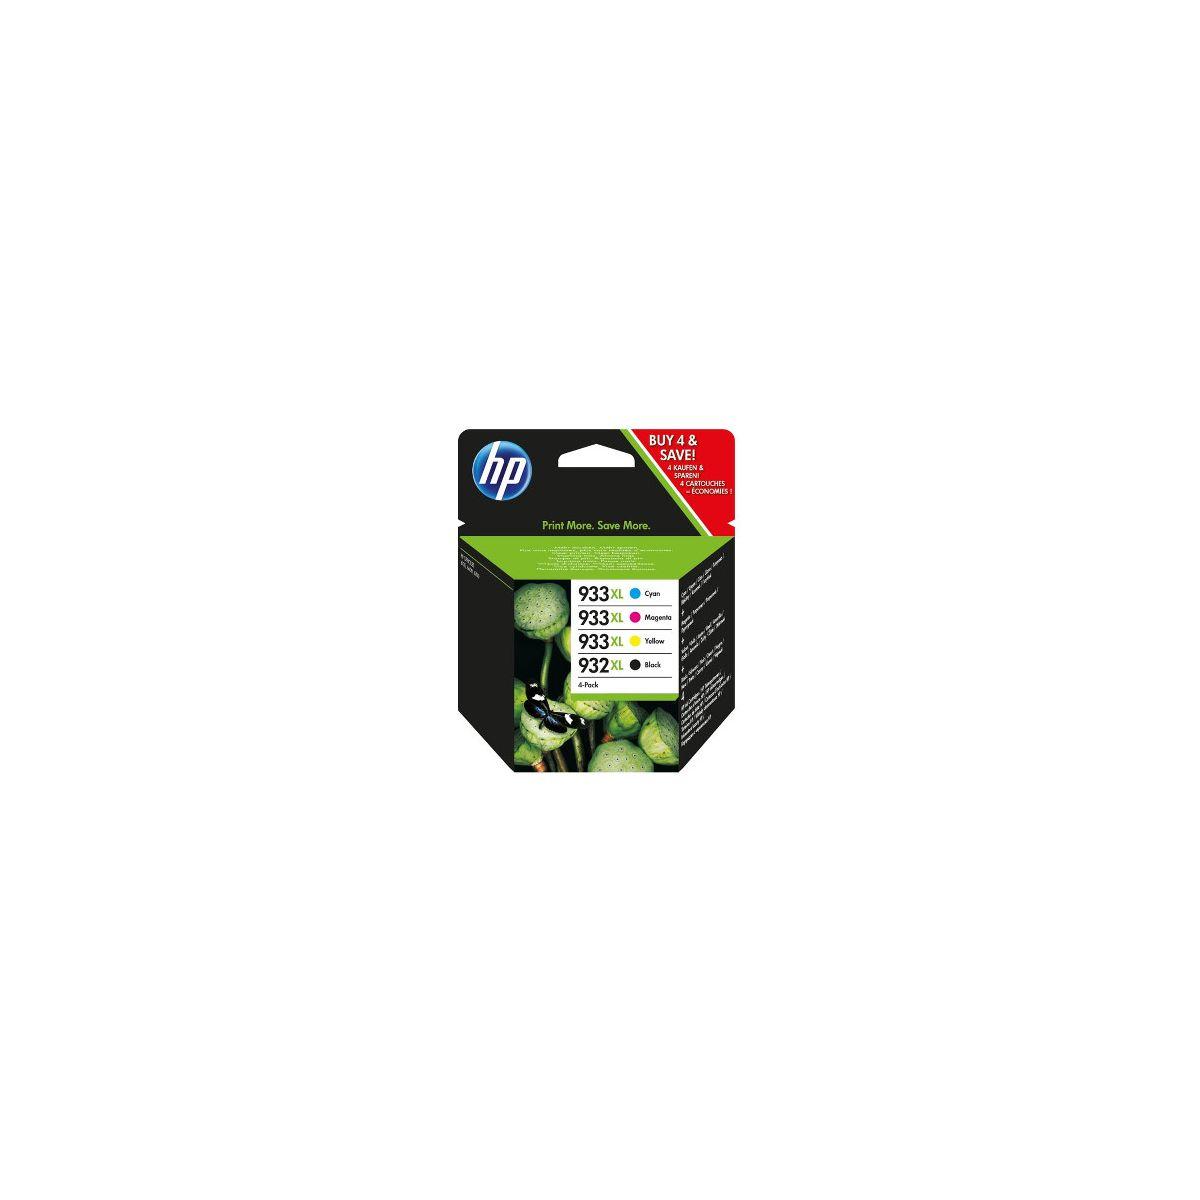 Cartouche d'encre hp n�932xl +n�933xl (n/c/m/j)